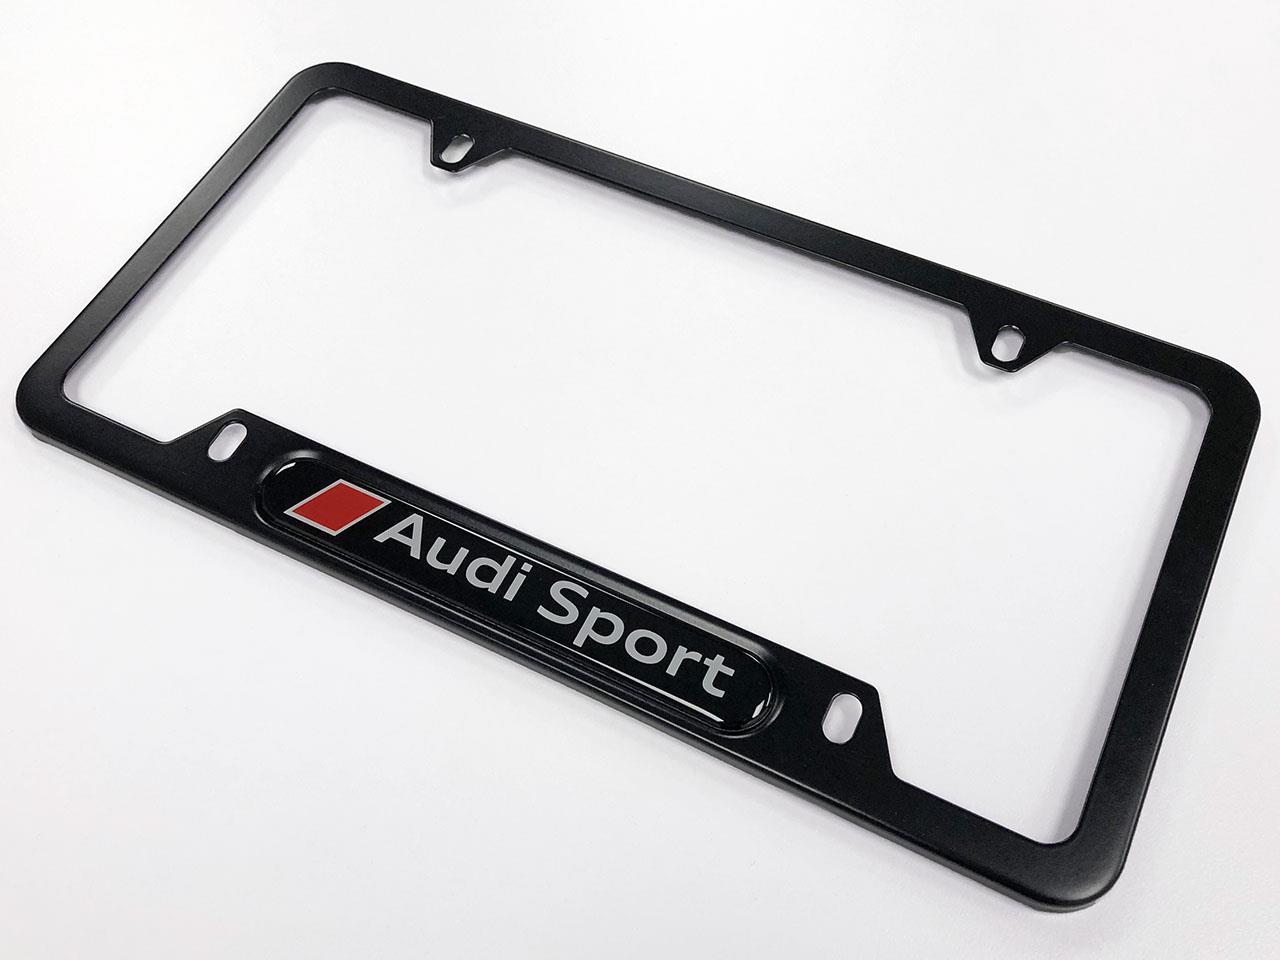 Audi sport license plate frame ... & 2014 Audi A5 Genuine Accessories